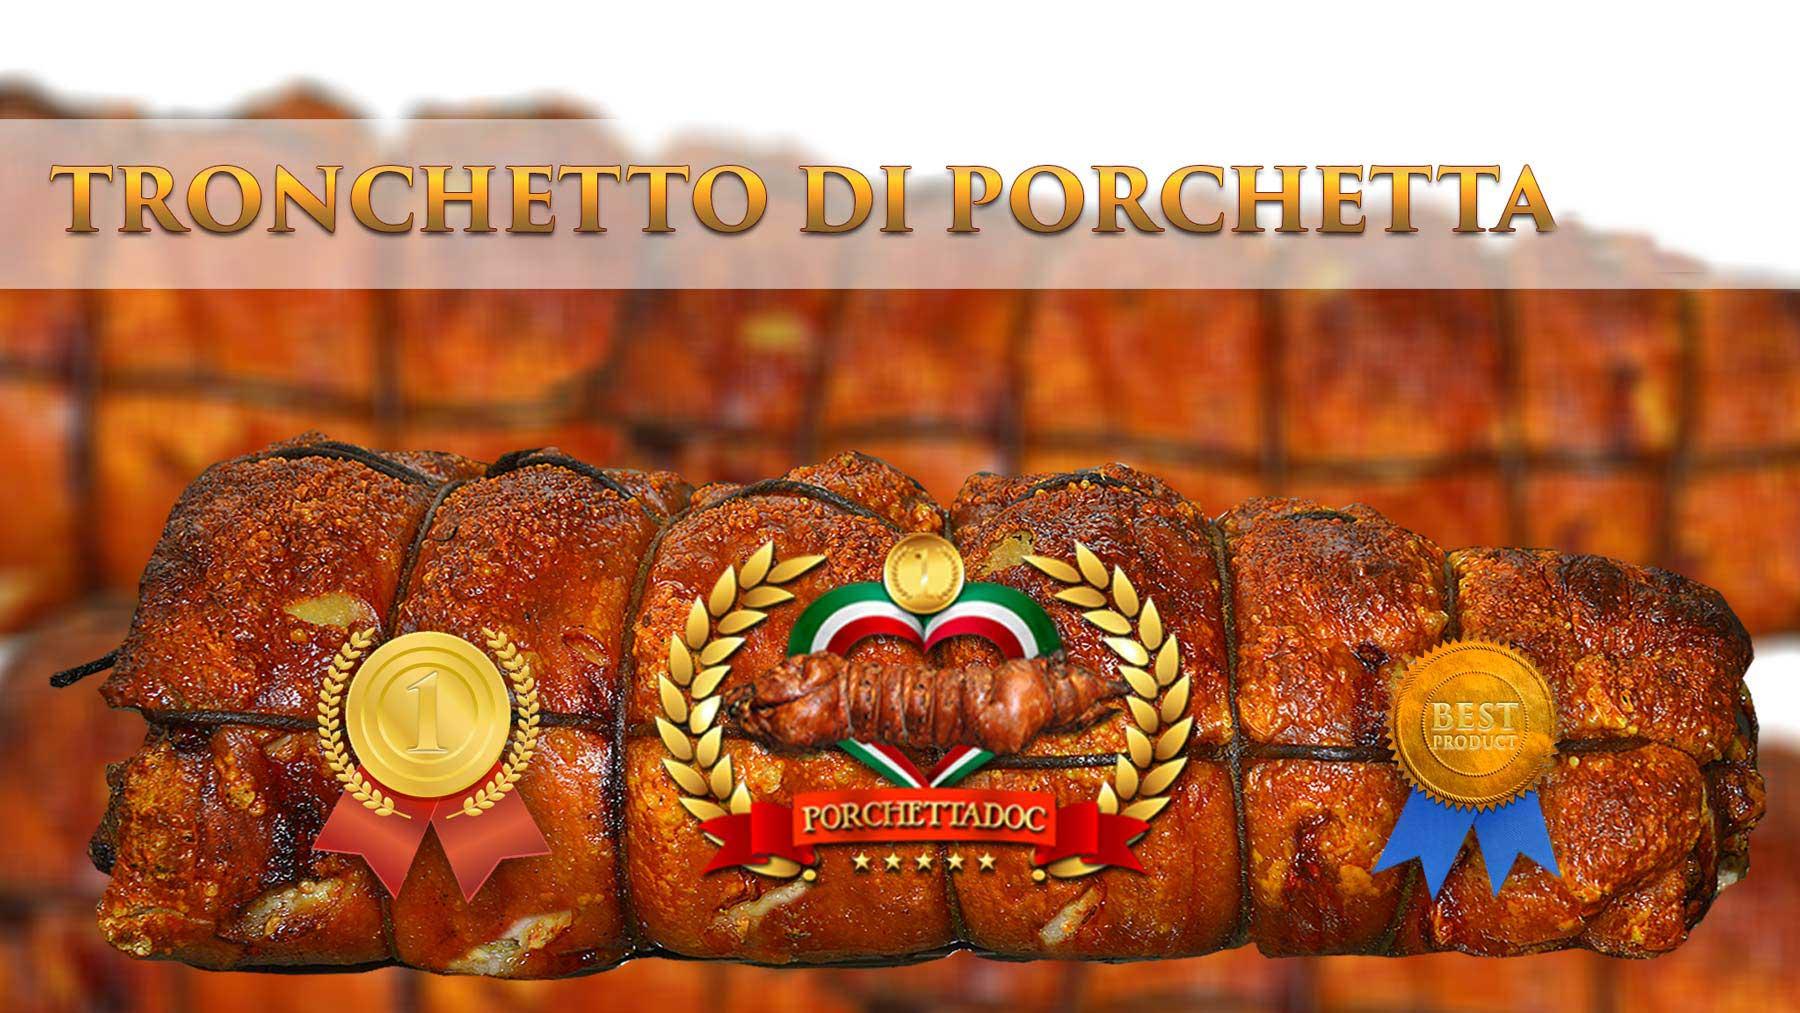 Tronchetto di porchetta 10 Kg. Tronchetto Porchetta Ariccia 4 Kg.